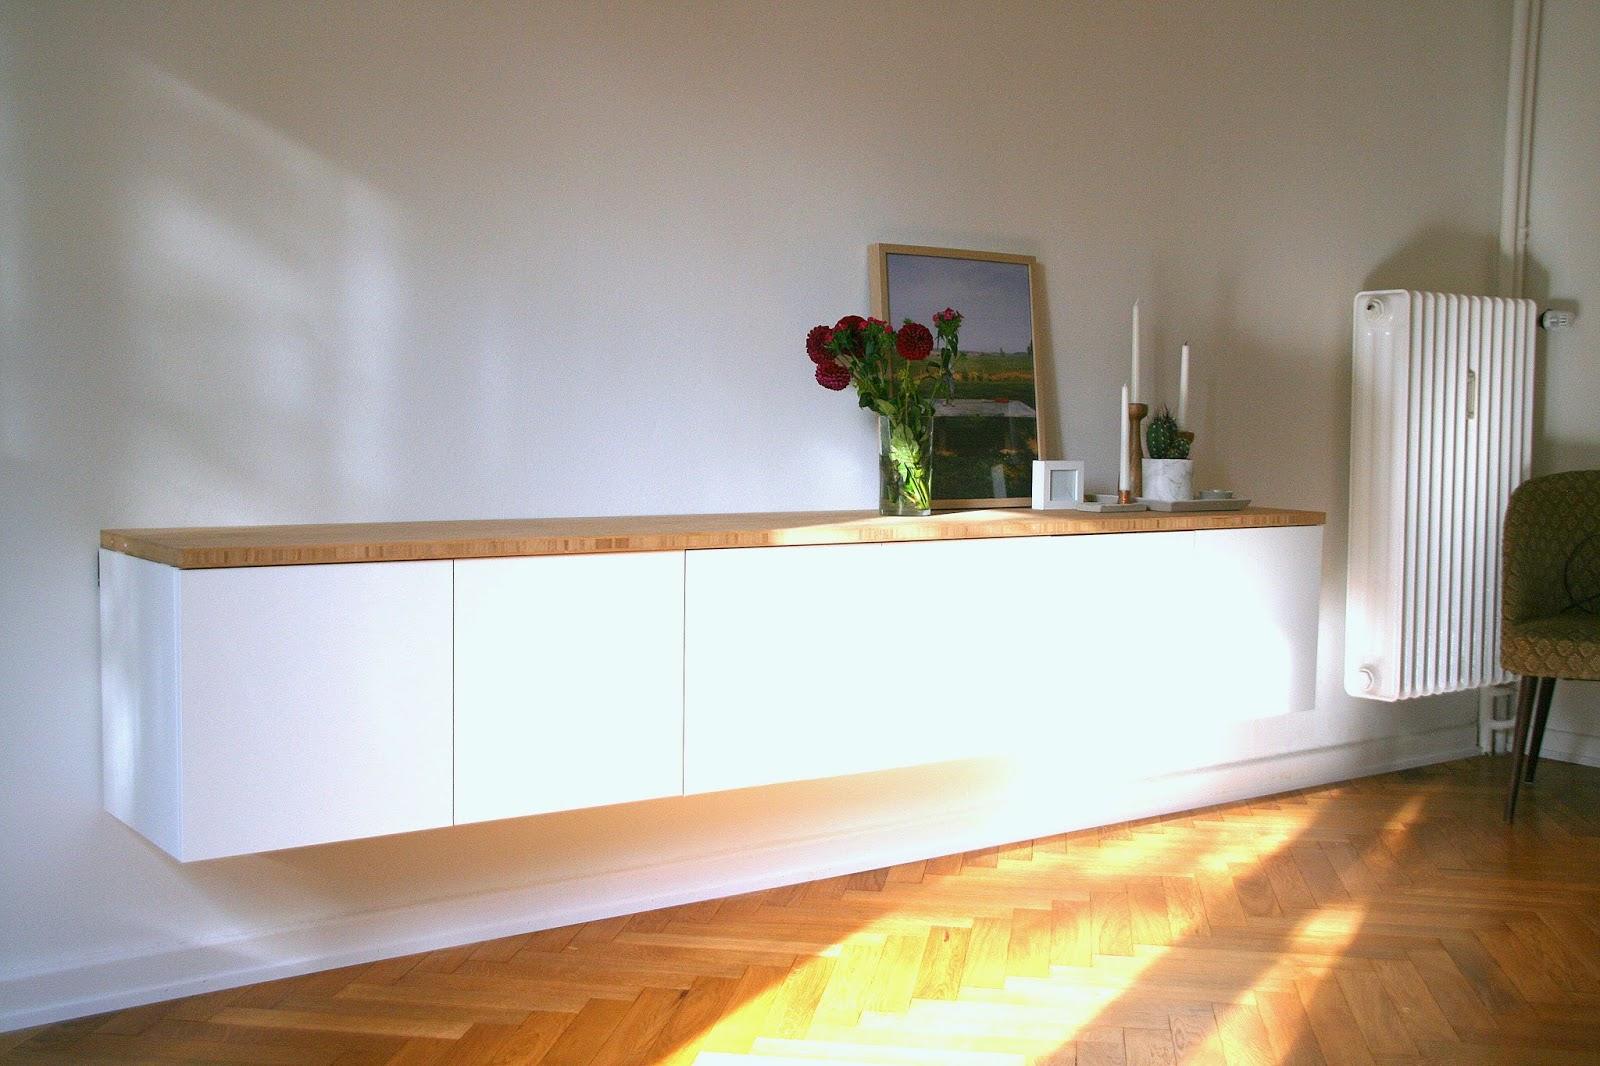 Full Size of Vidanullvier Diy Sideboard Ikea Hack Küche Betten 160x200 Sofa Mit Schlaffunktion Modulküche Bei Arbeitsplatte Wohnzimmer Miniküche Kosten Kaufen Wohnzimmer Ikea Sideboard